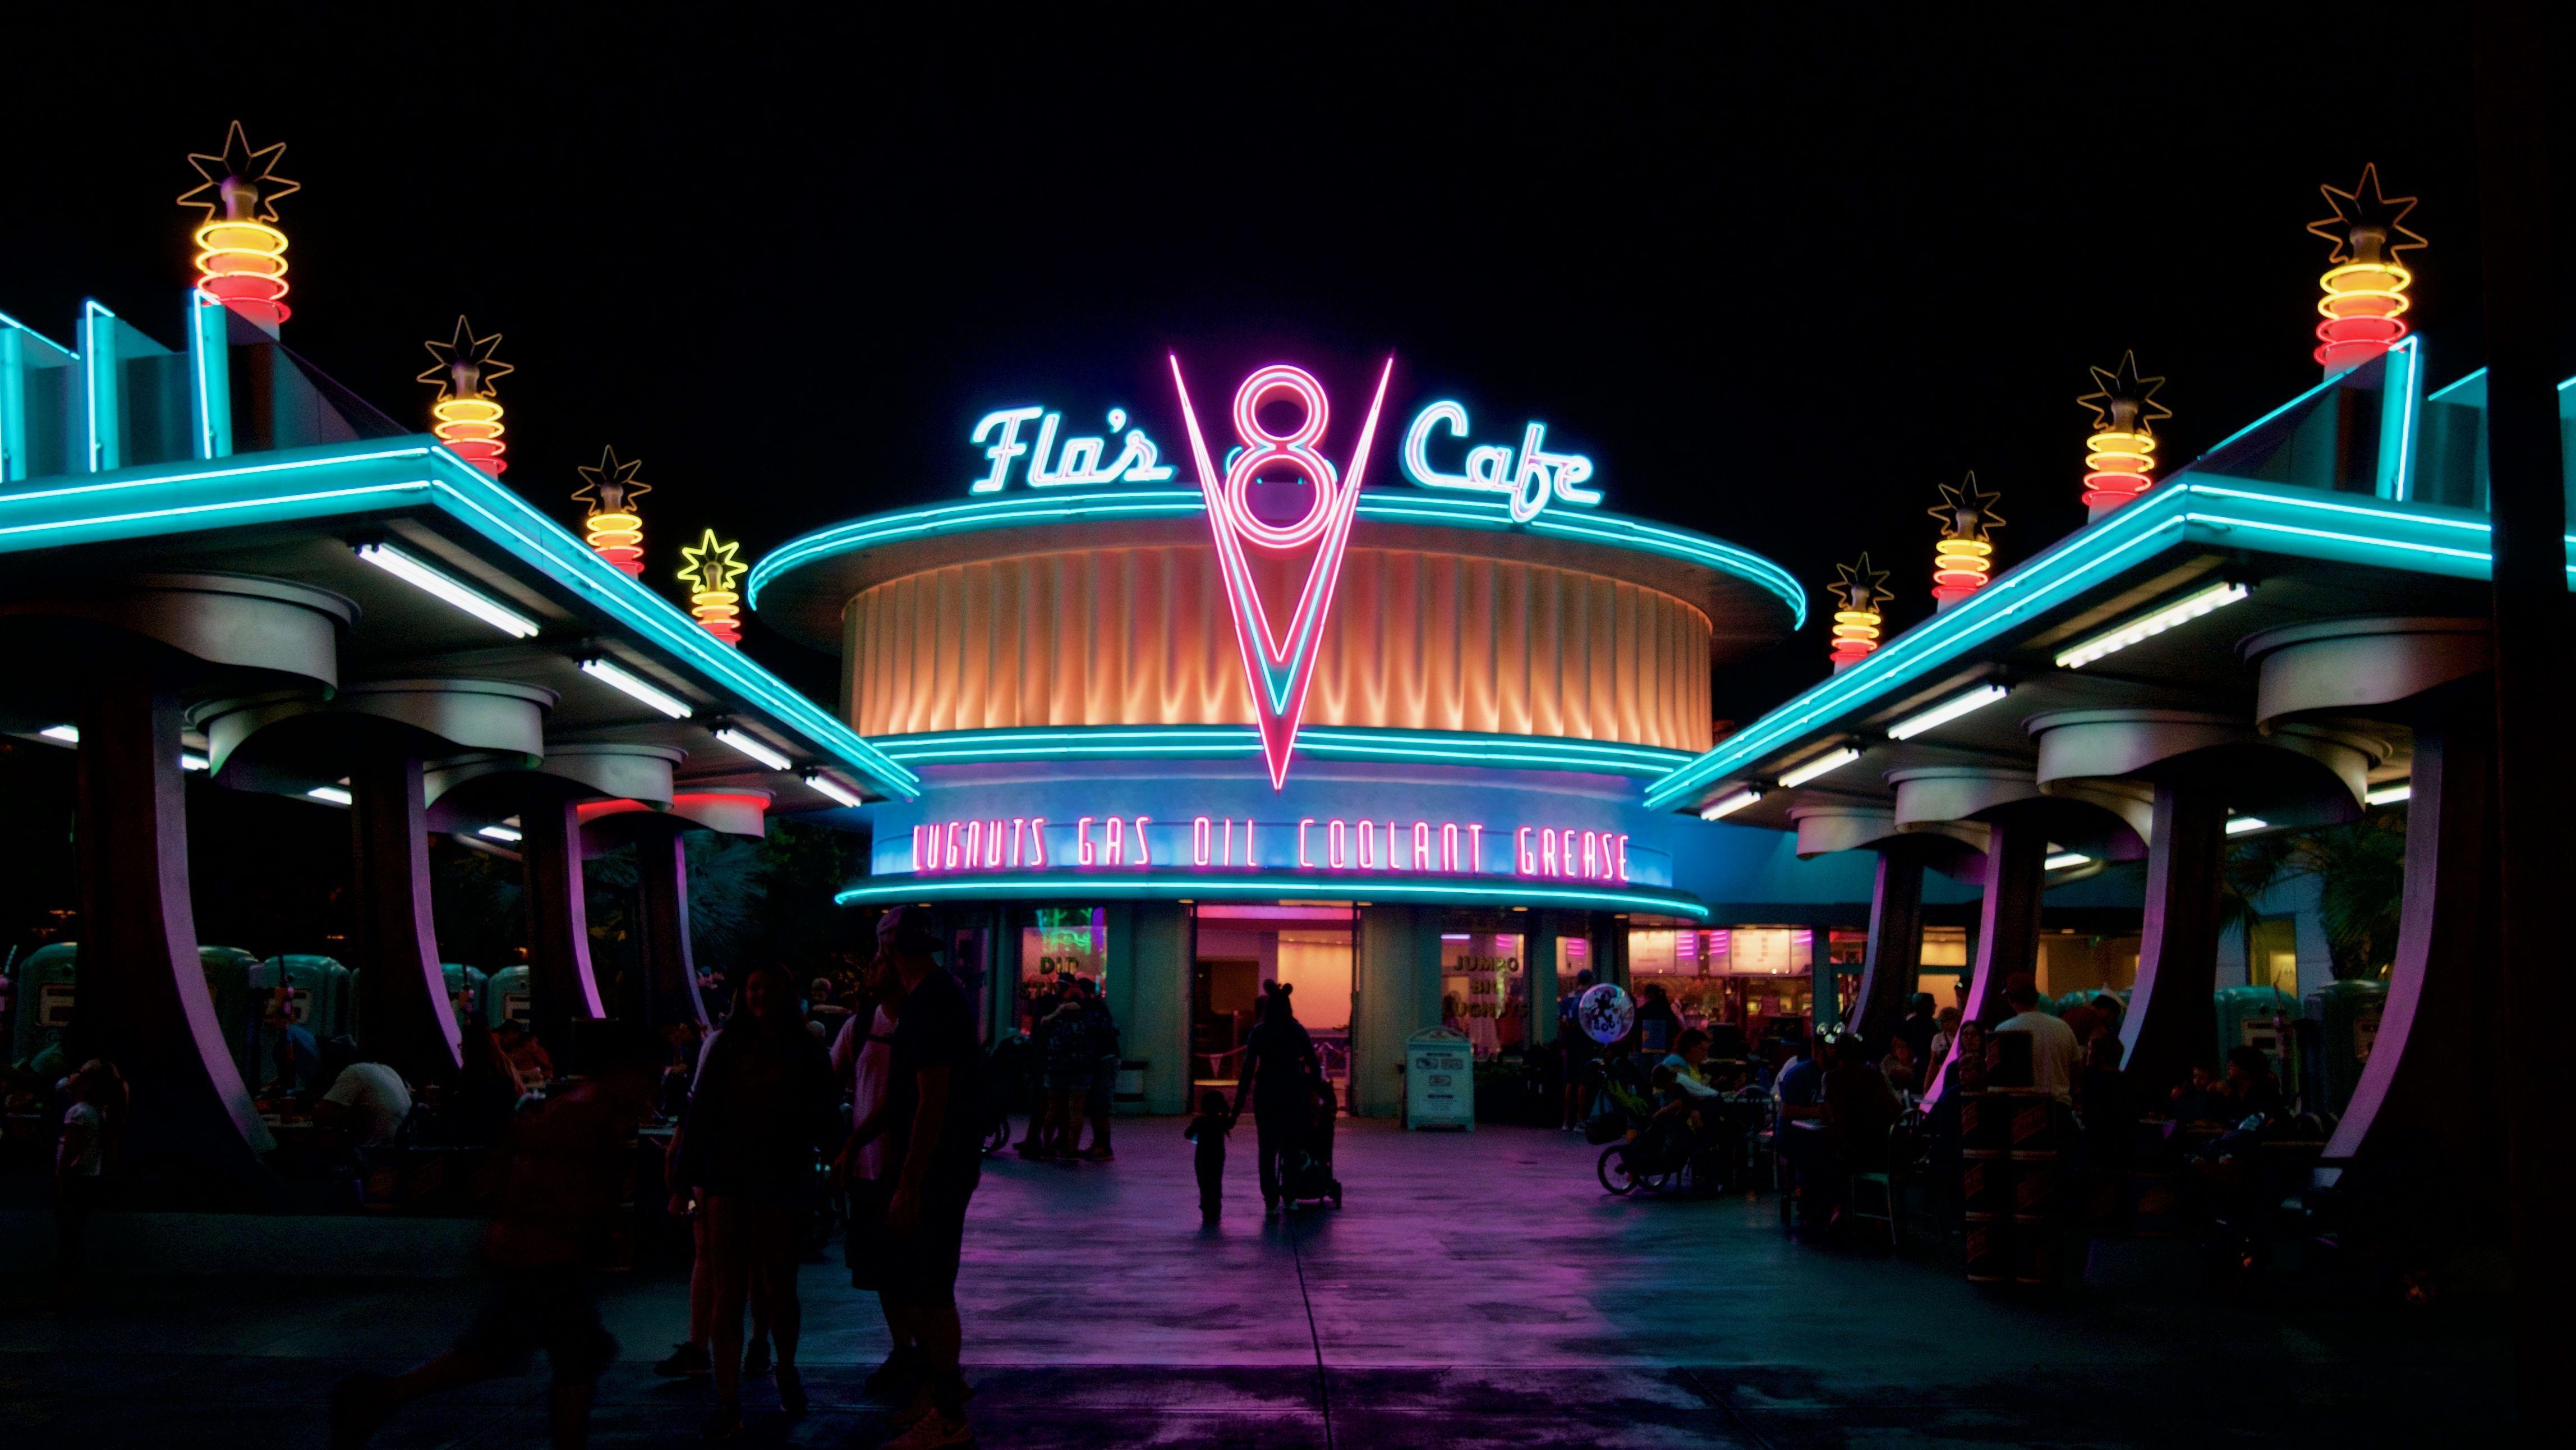 Neon Flair Cafe 38402160 Wallpaper Dekstop Wallpaper Neon